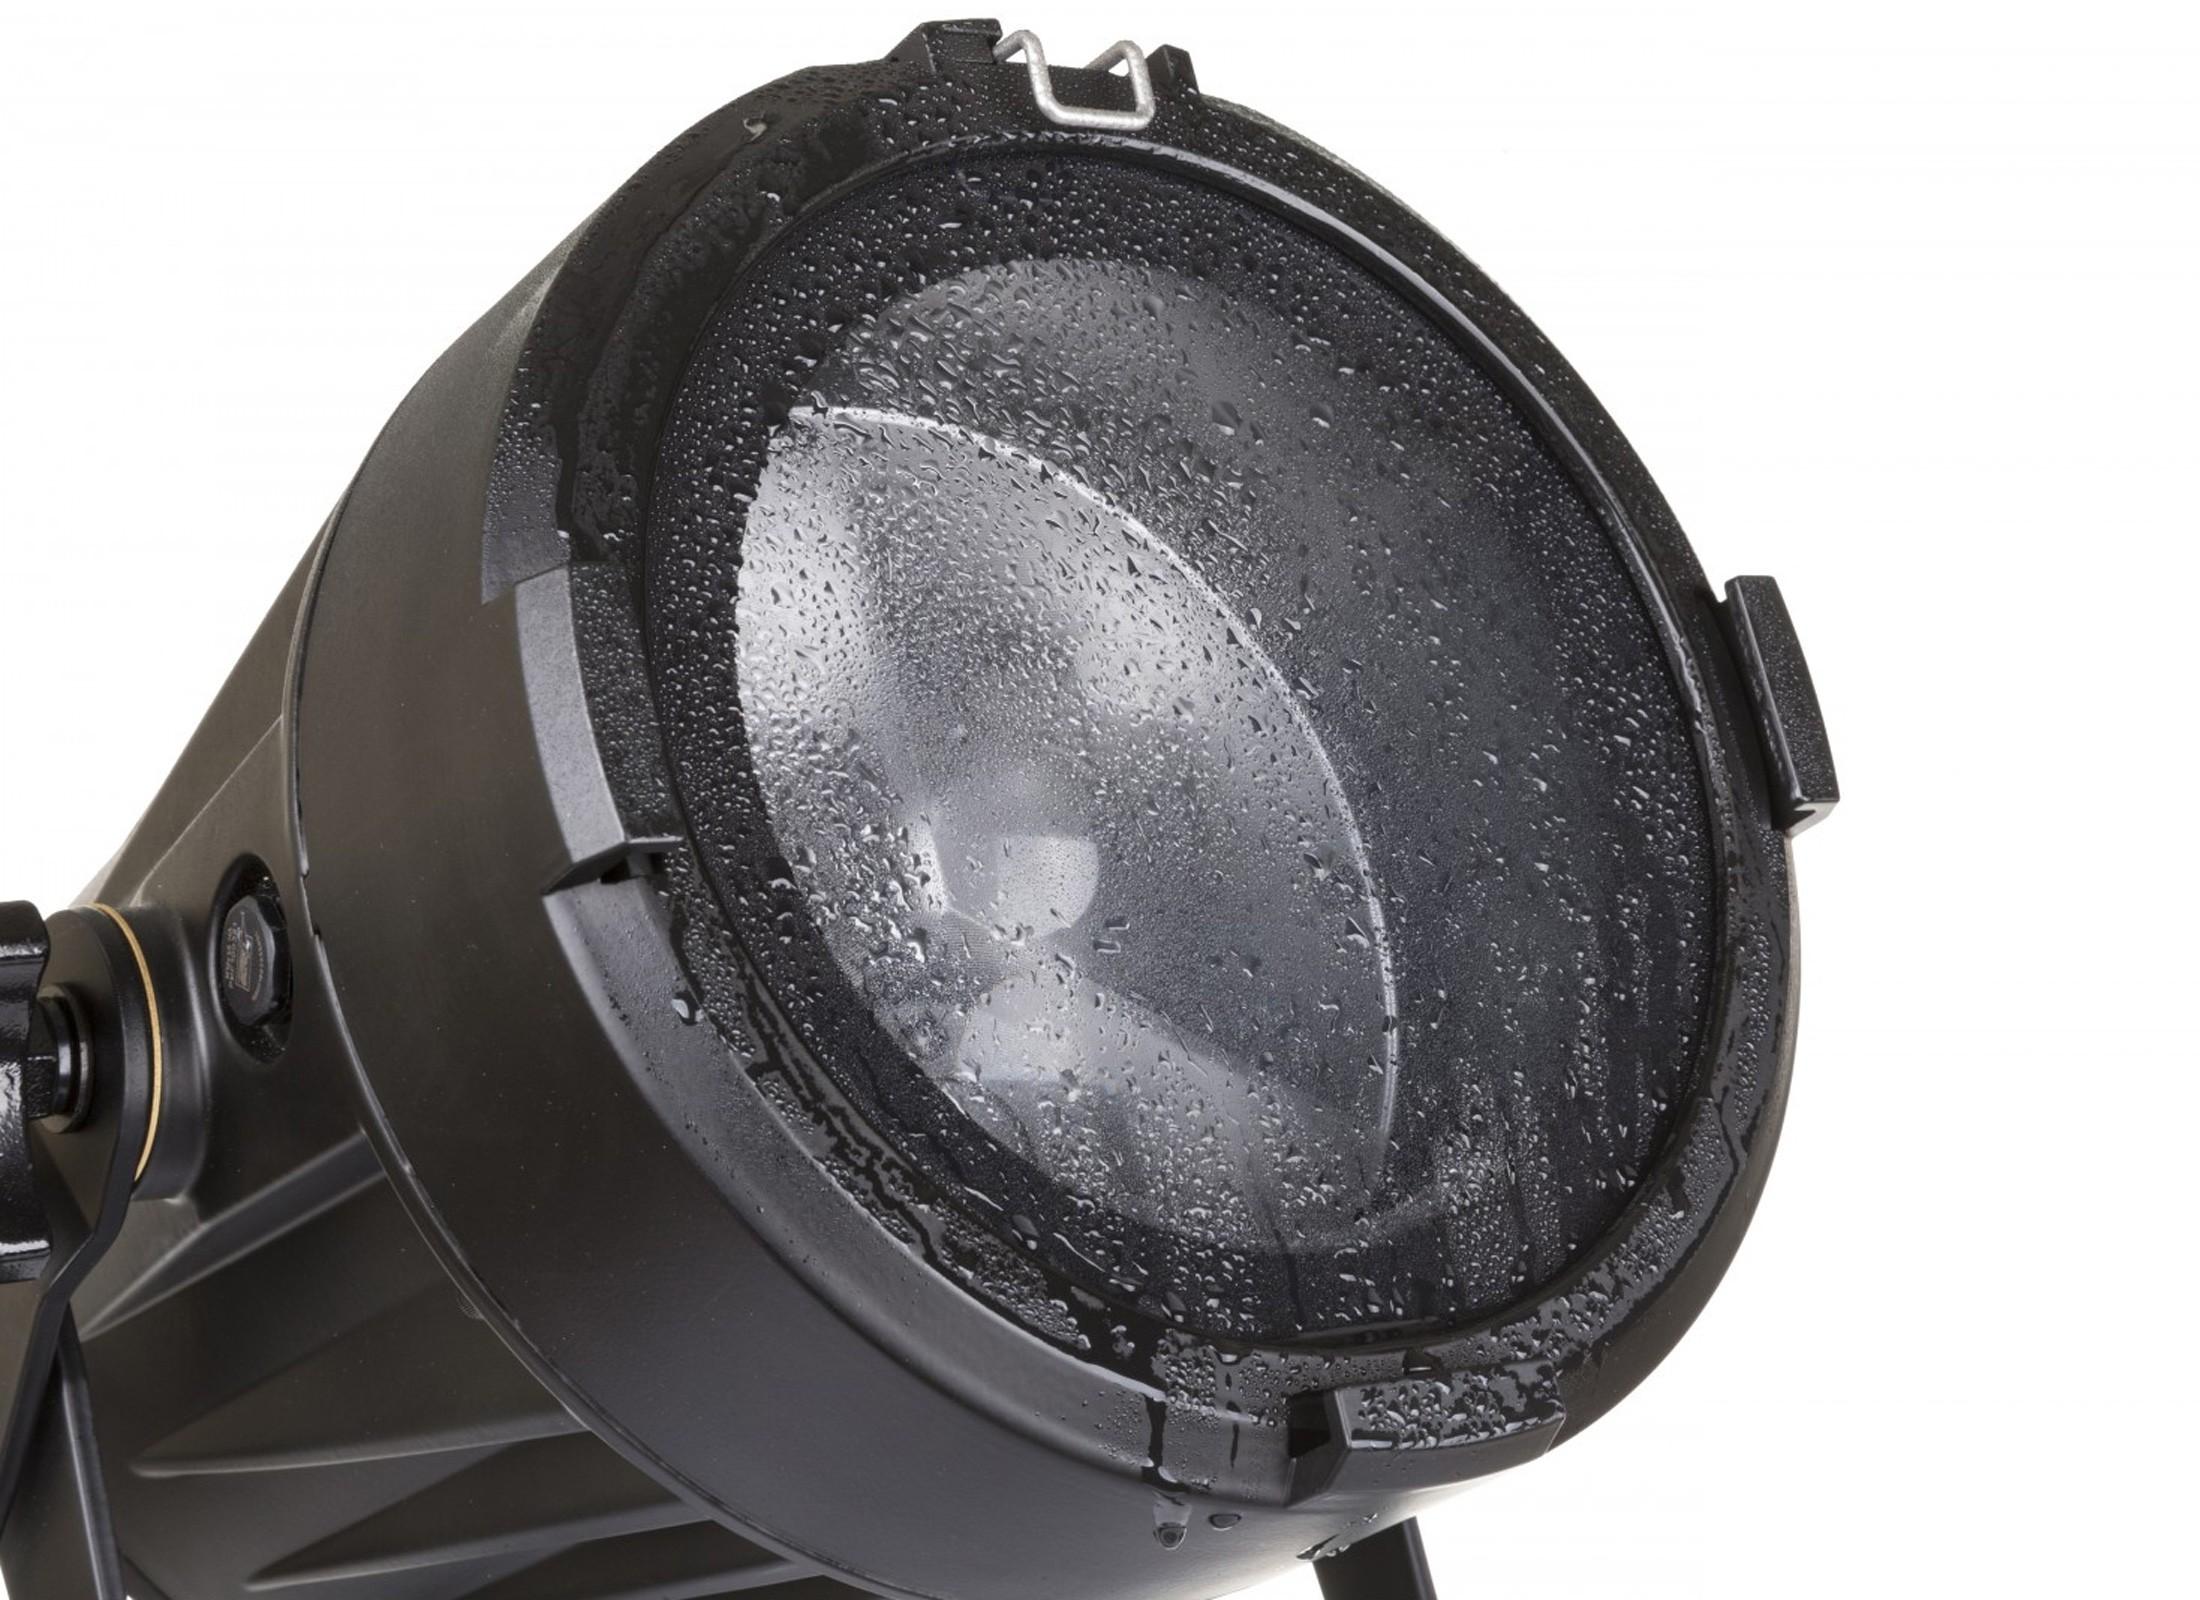 briteq bt smartzoom led outdoor scheinwerfer g nstig online kaufen bei huss licht ton. Black Bedroom Furniture Sets. Home Design Ideas